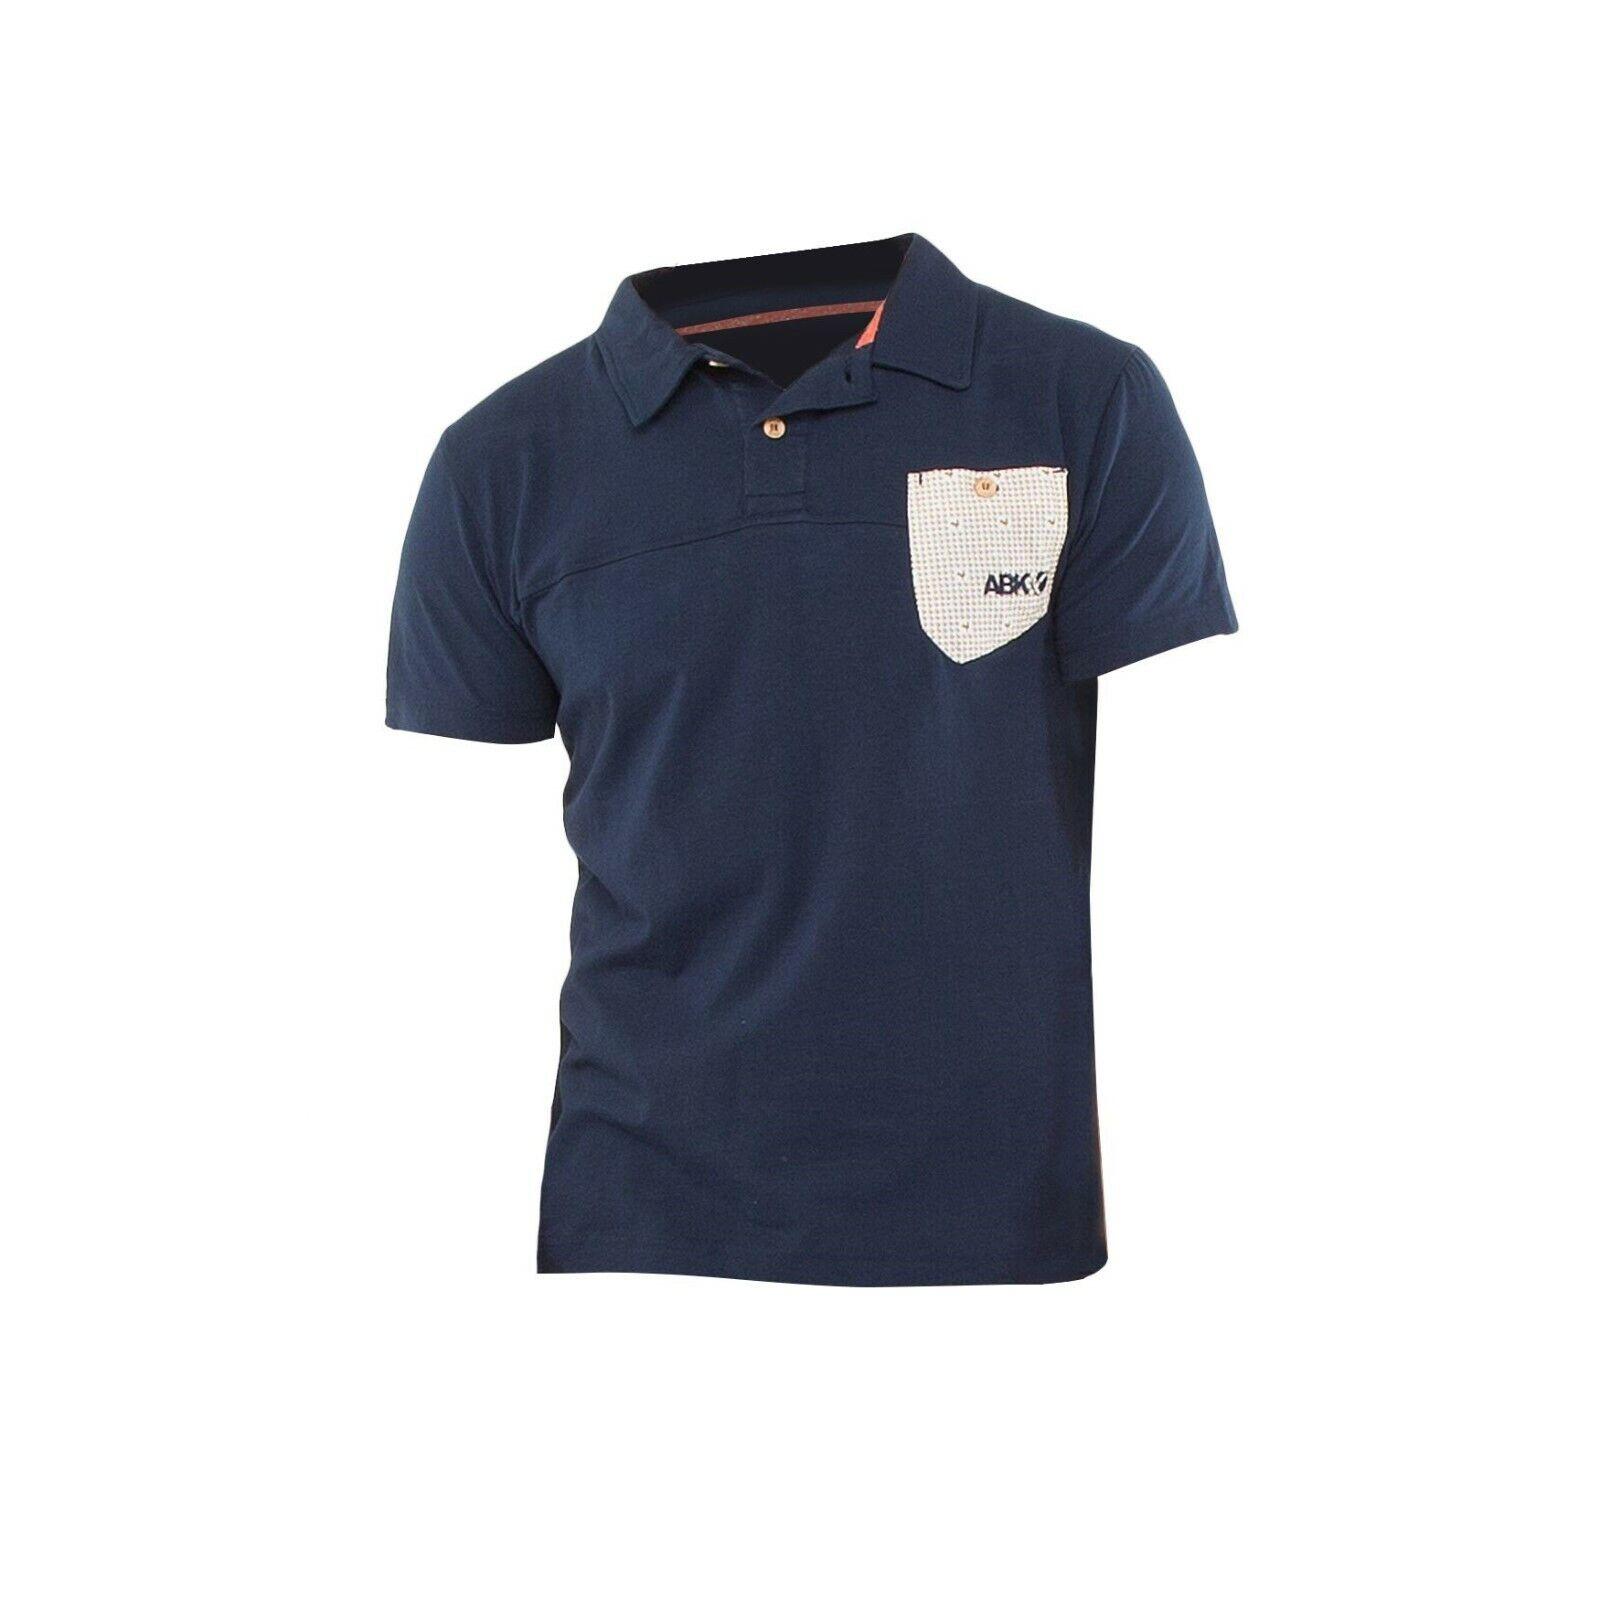 ABK Typica Polo T-Shirt Sie  Weiches Herren T-Shirt  dark marine